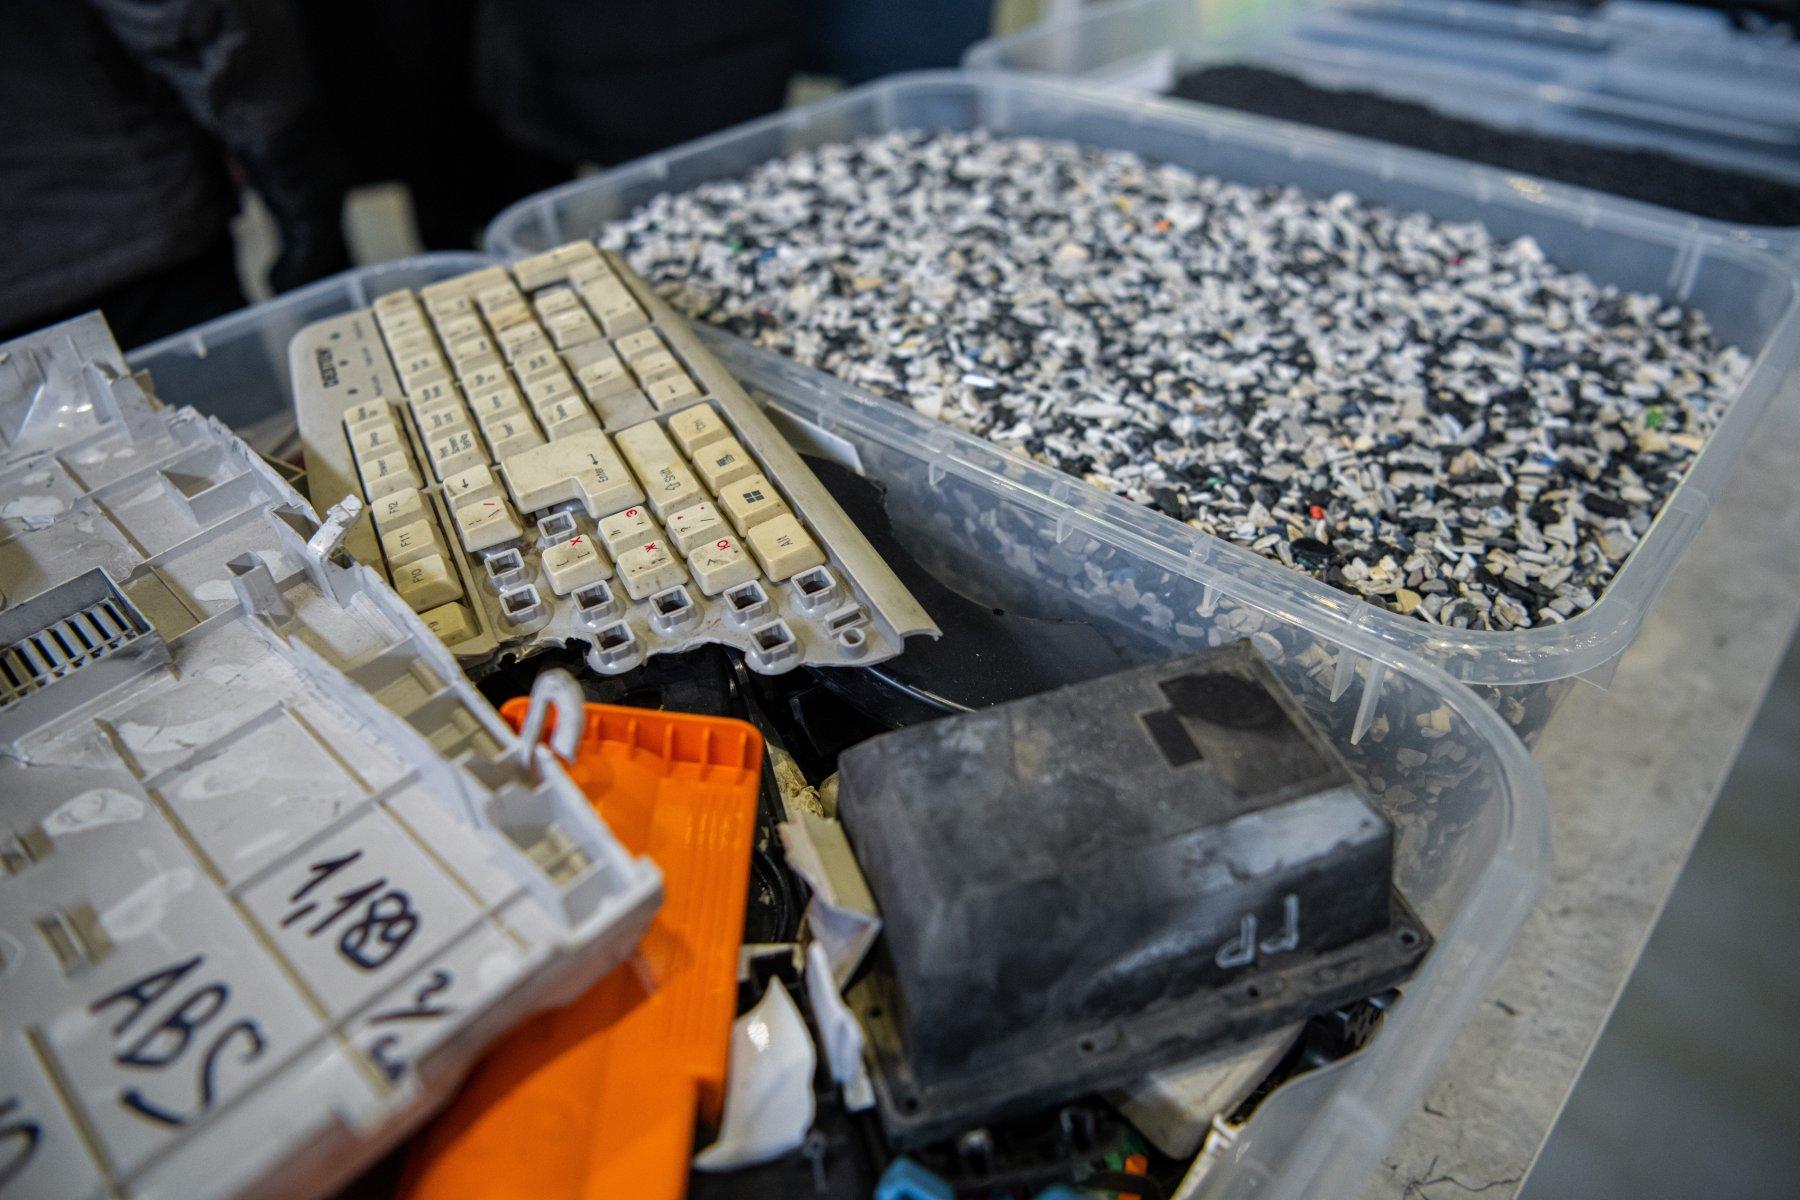 В Егорьевском городском округе за 2 млрд рублей построят завод по переработке пластика